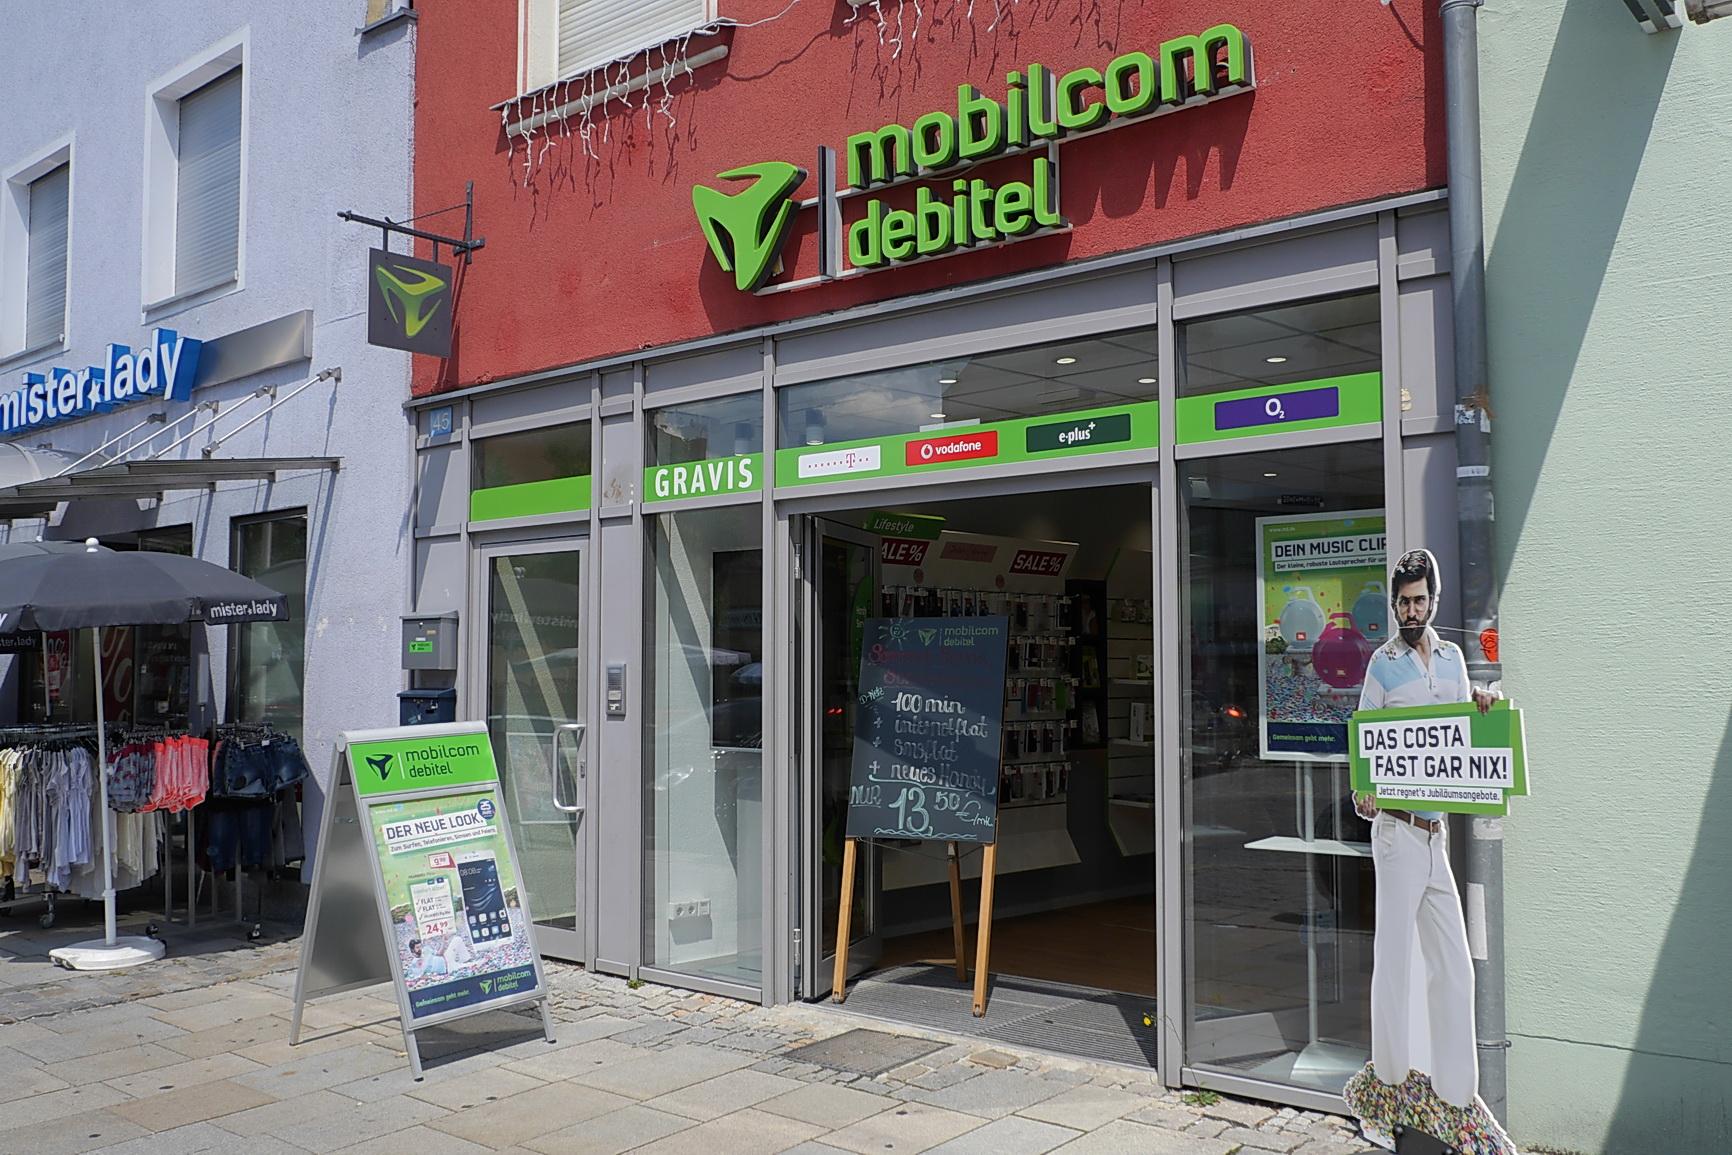 Mobilcom Debitel Filiale Einkaufsstadt Neumarkt